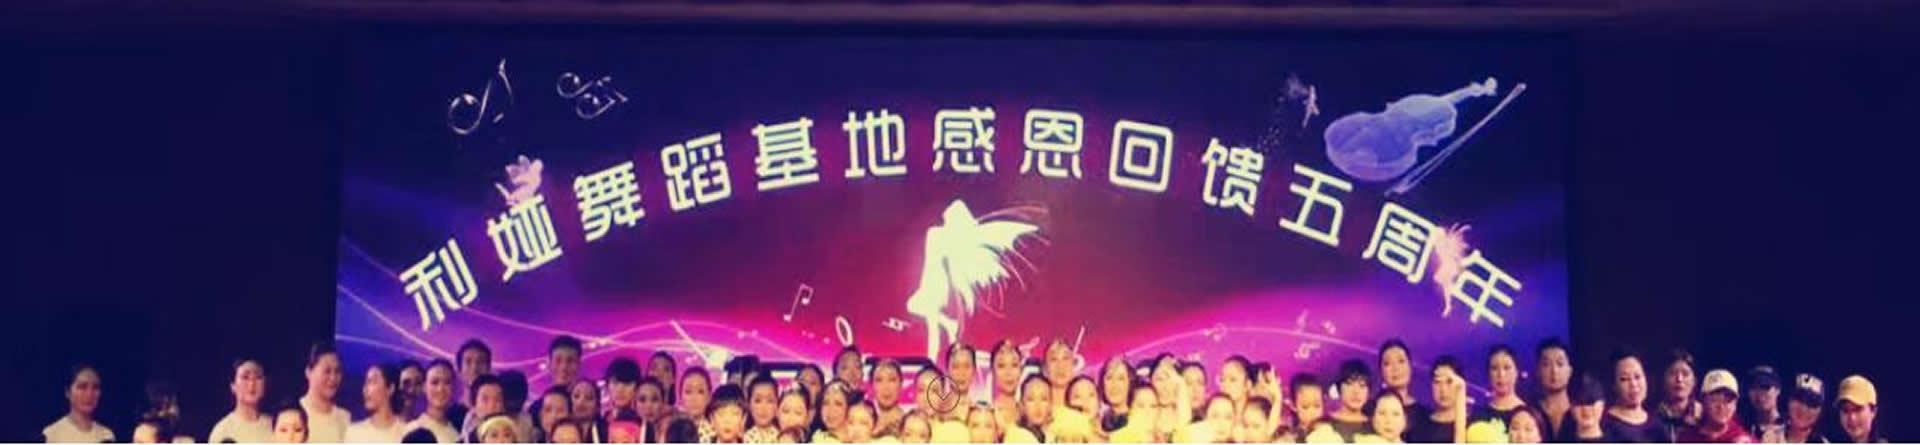 郑州利娅舞蹈基地